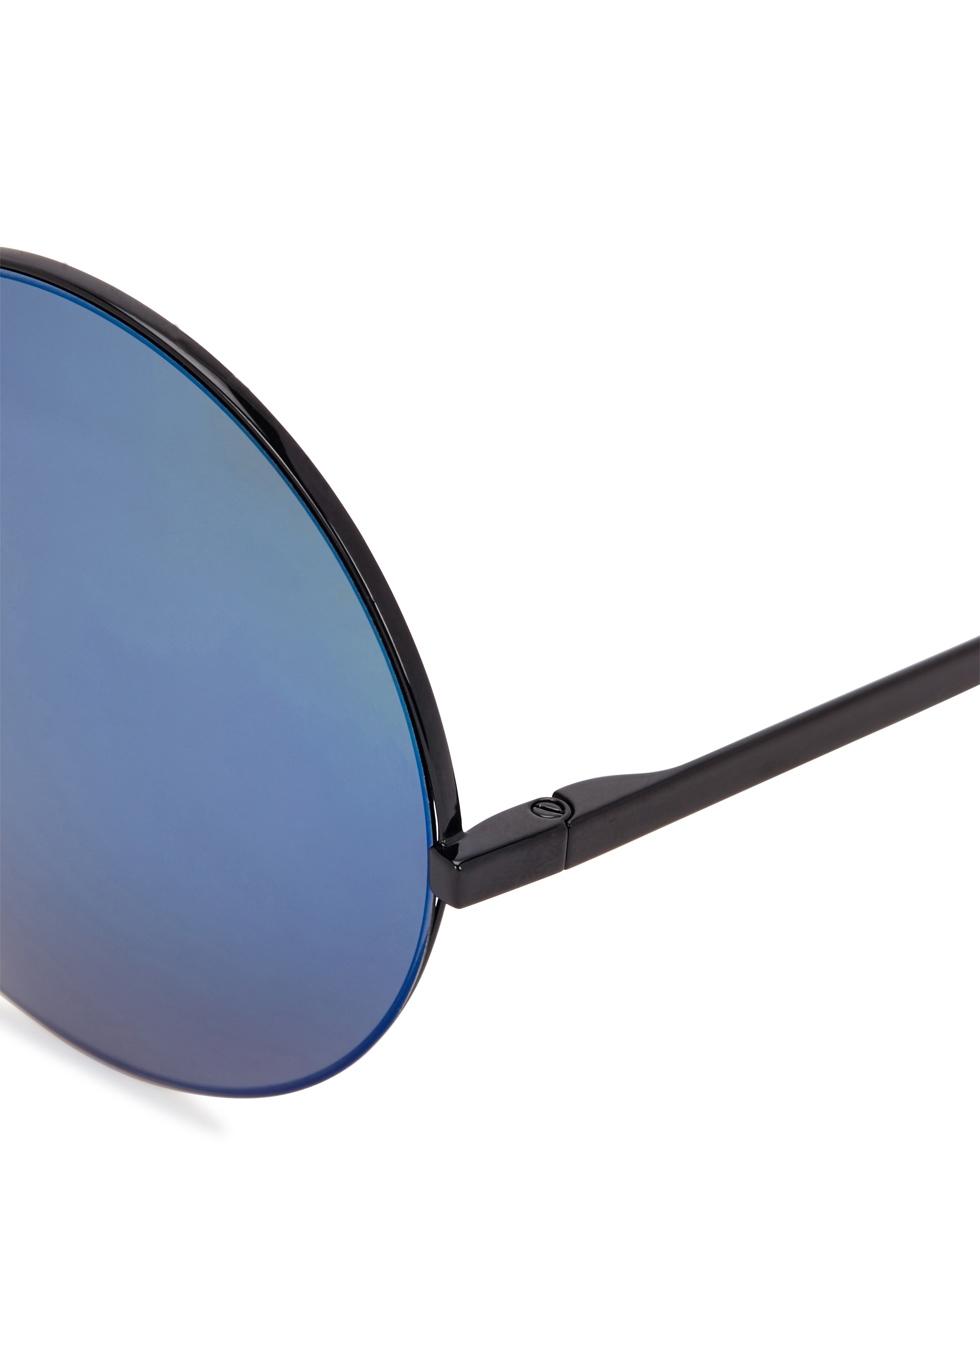 Supra blue round-frame sunglasses - Victoria Beckham